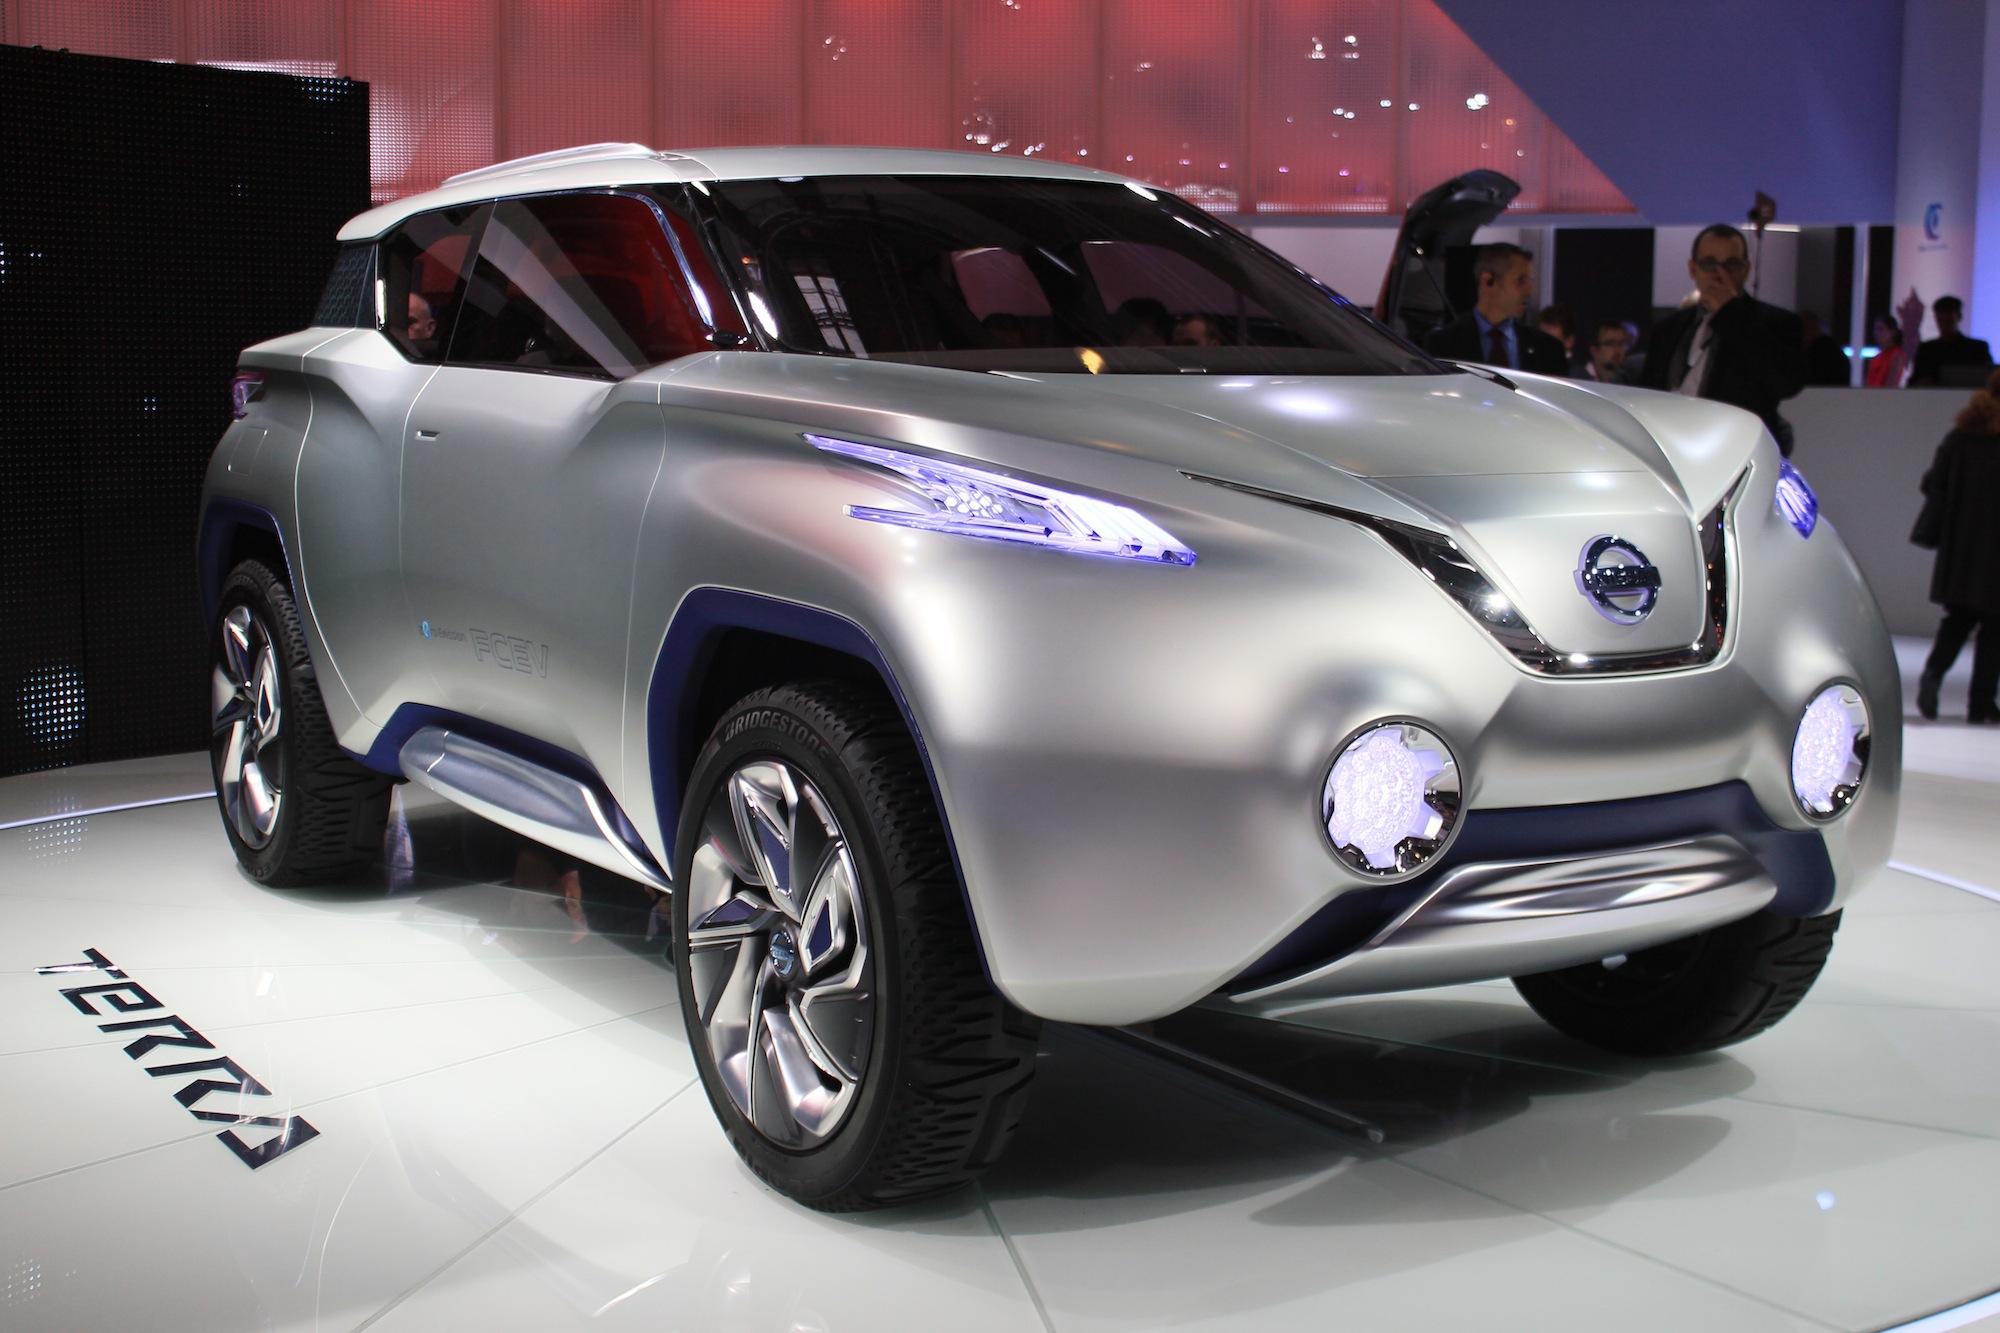 Nissan Terra Concept Live Photos And Video: 2012 Paris ...